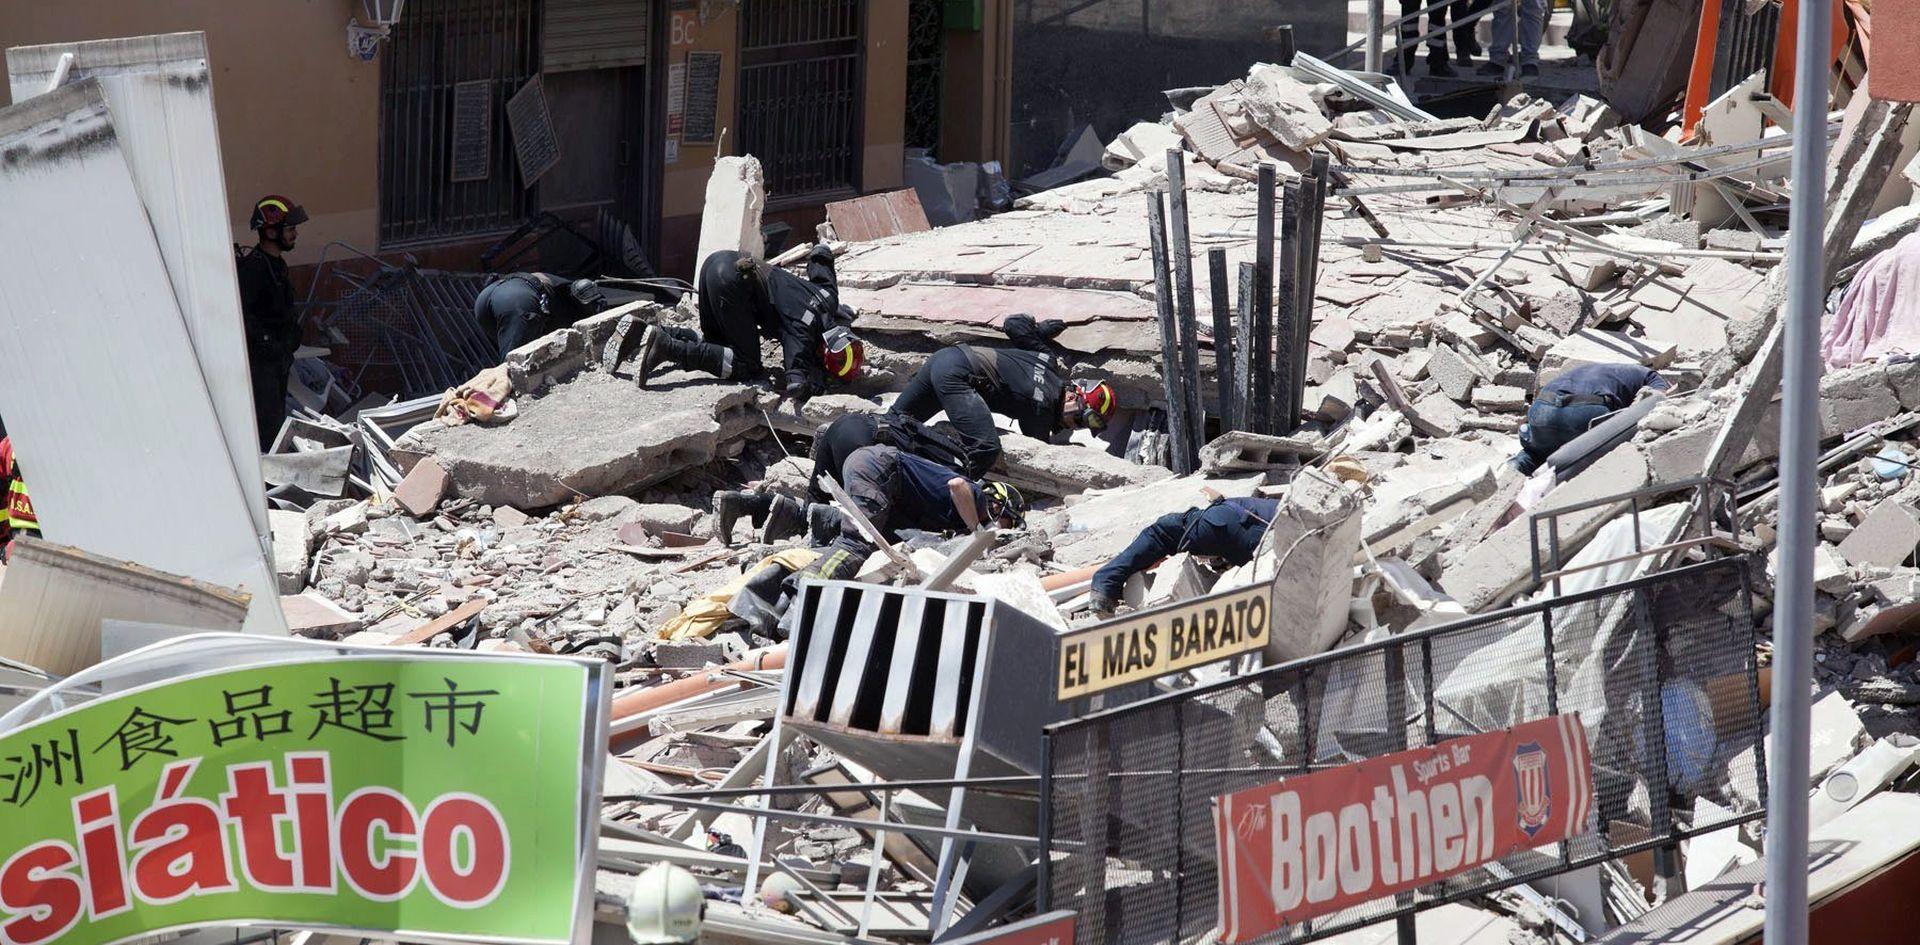 BROJ ŽRTAVA RASTE U urušavanju zgrade na Tenerifima poginulo sedam osoba